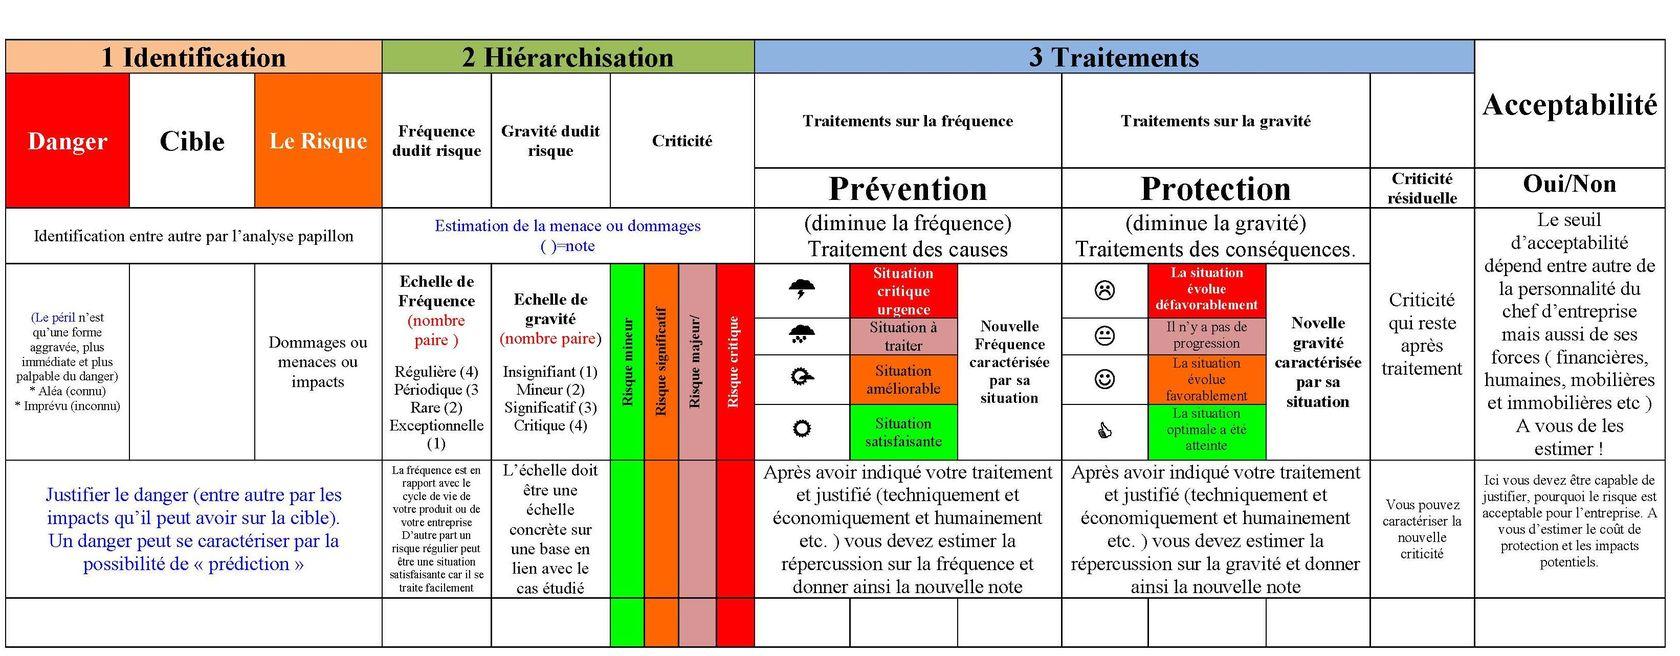 Gestion des risques - Page 2 sur 2 - Info campus CFPPA